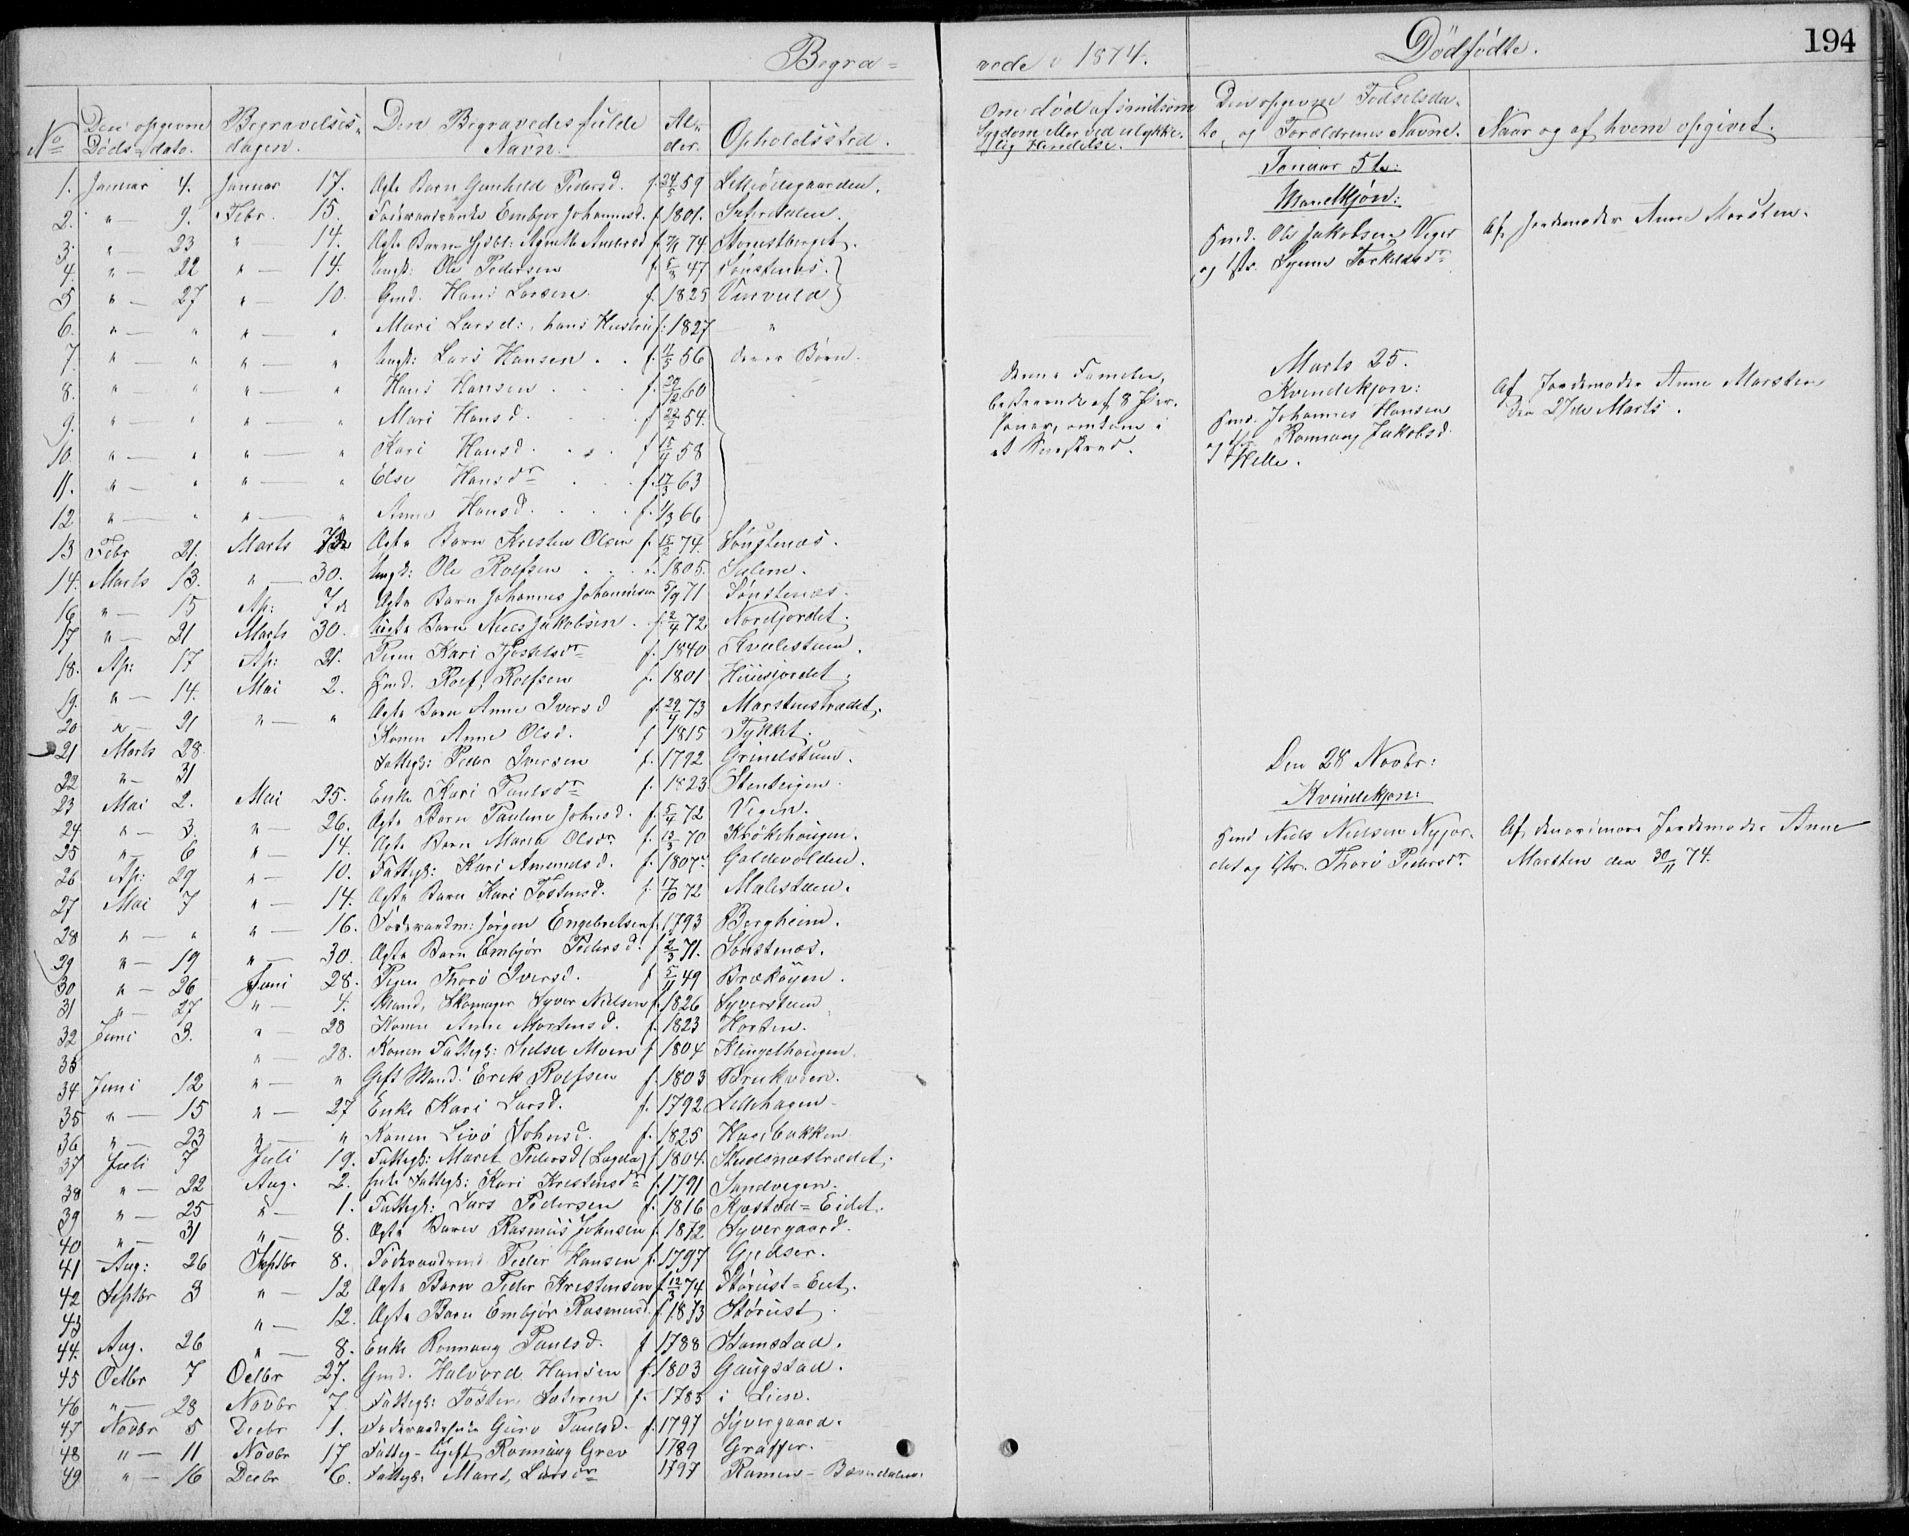 SAH, Lom prestekontor, L/L0013: Klokkerbok nr. 13, 1874-1938, s. 194